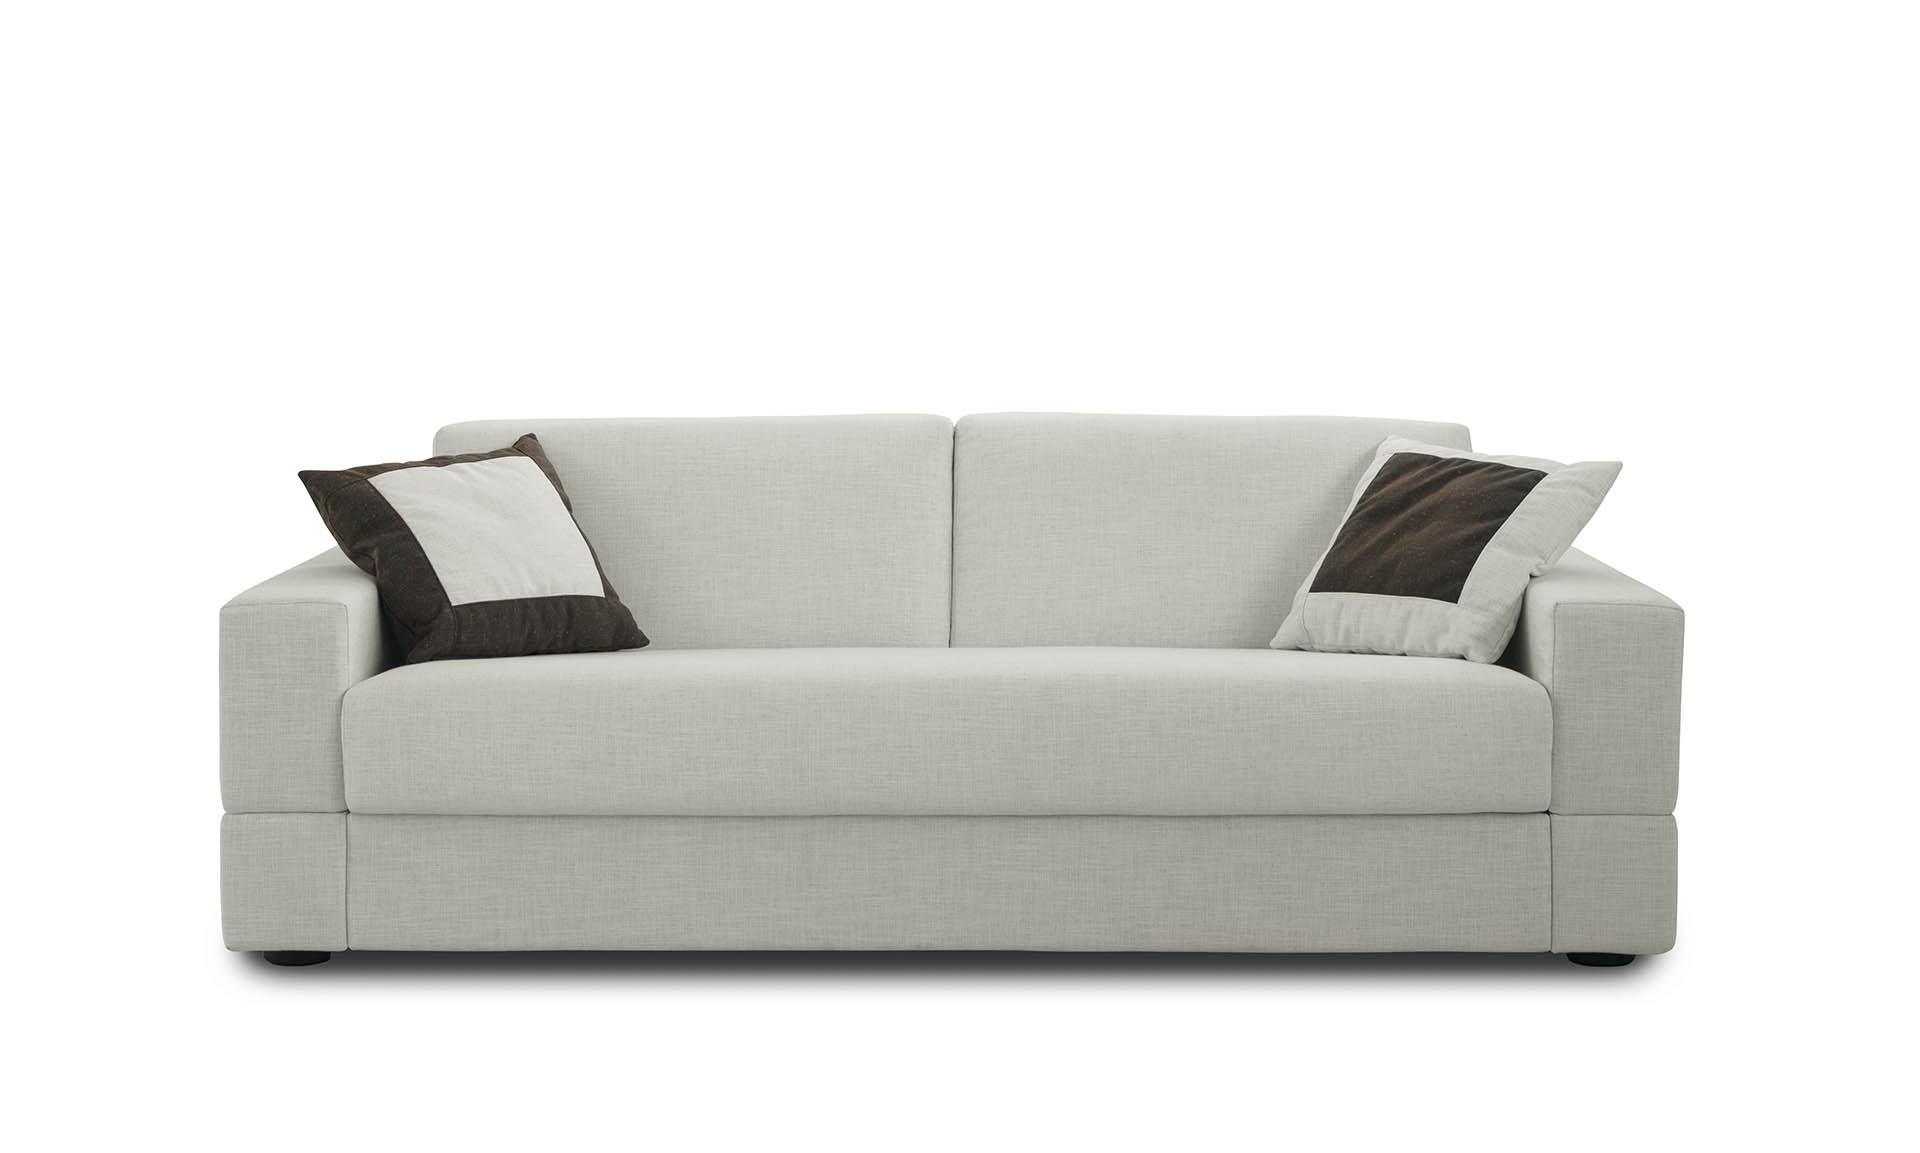 brian. Black Bedroom Furniture Sets. Home Design Ideas